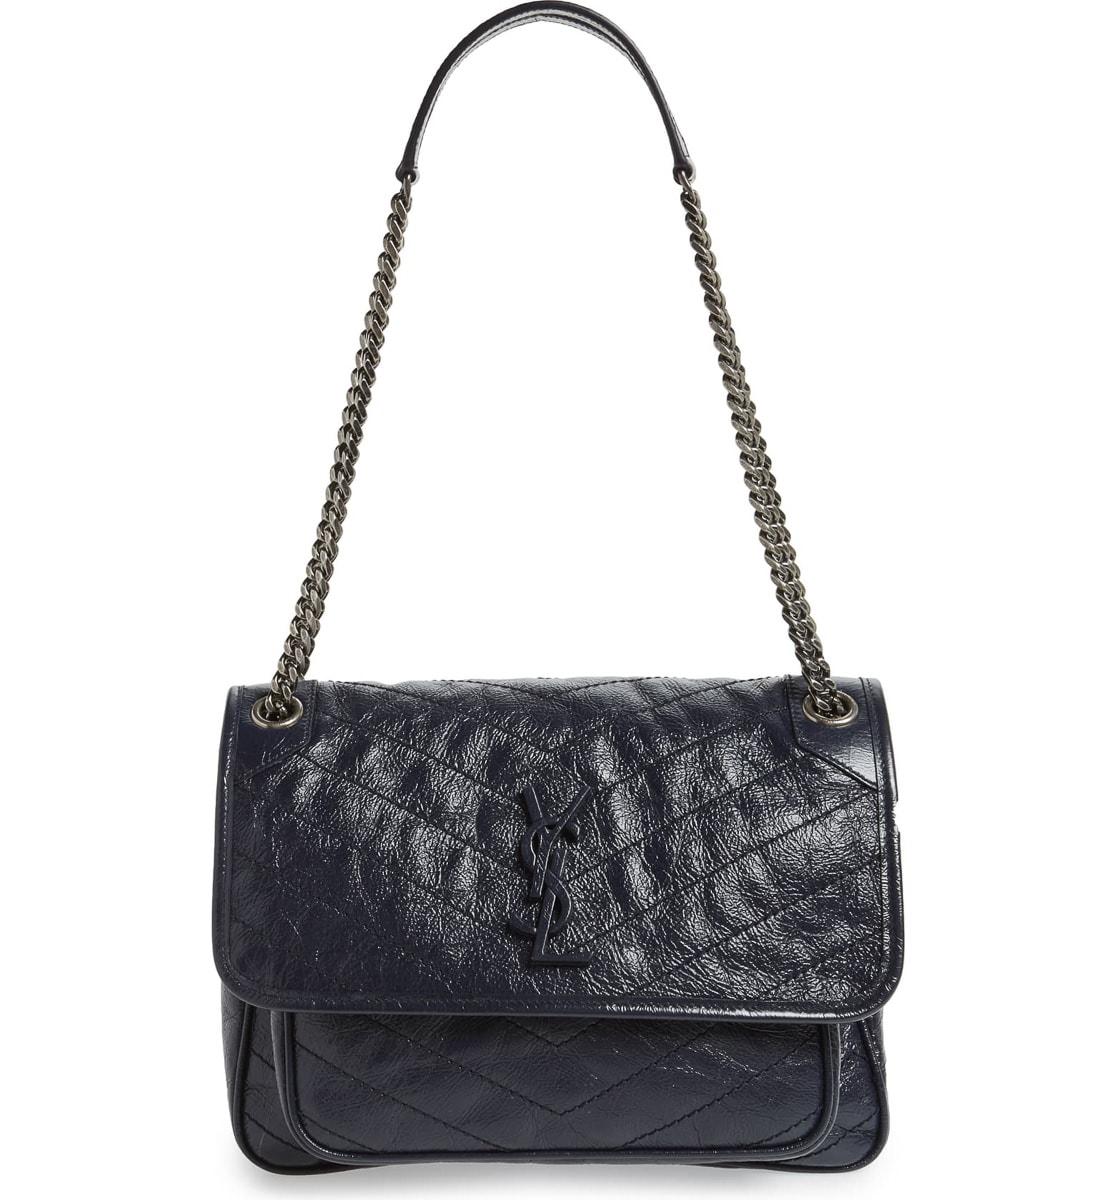 What Do We Think of the Saint Laurent Niki Shoulder Bag?